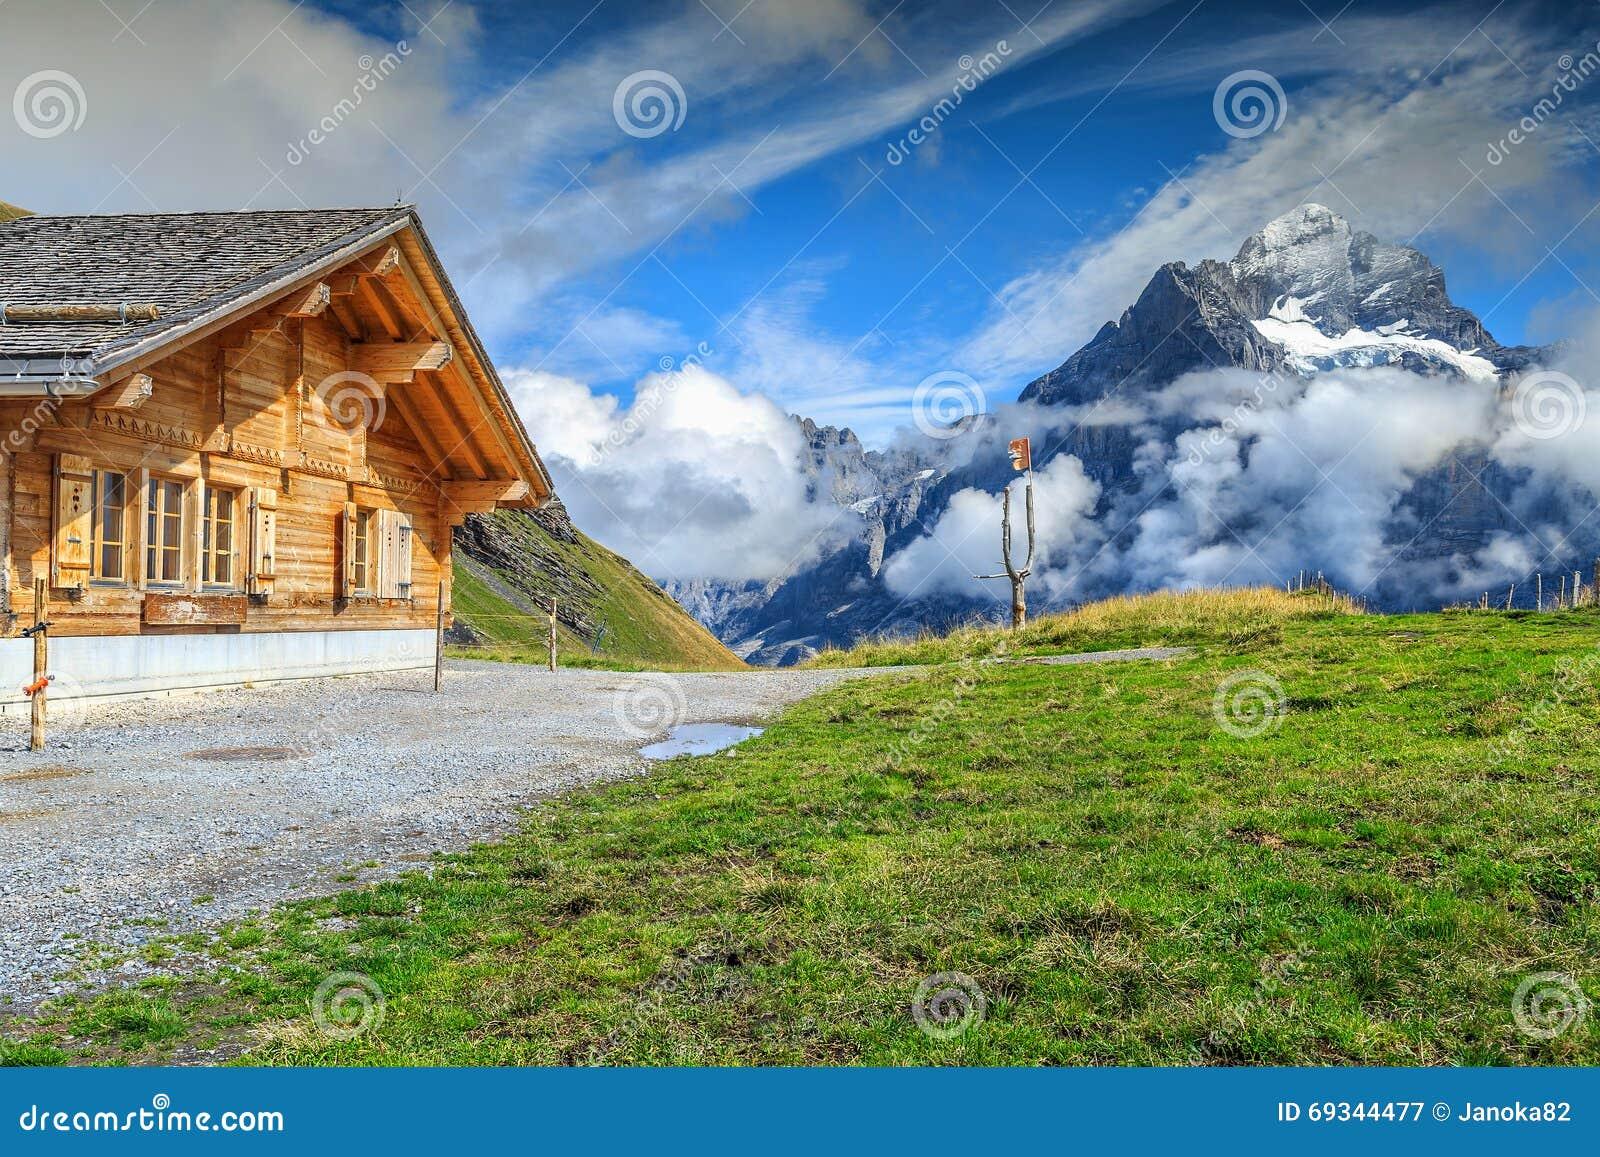 Typical Wooden Alpine Chalet Grindelwald Switzerland